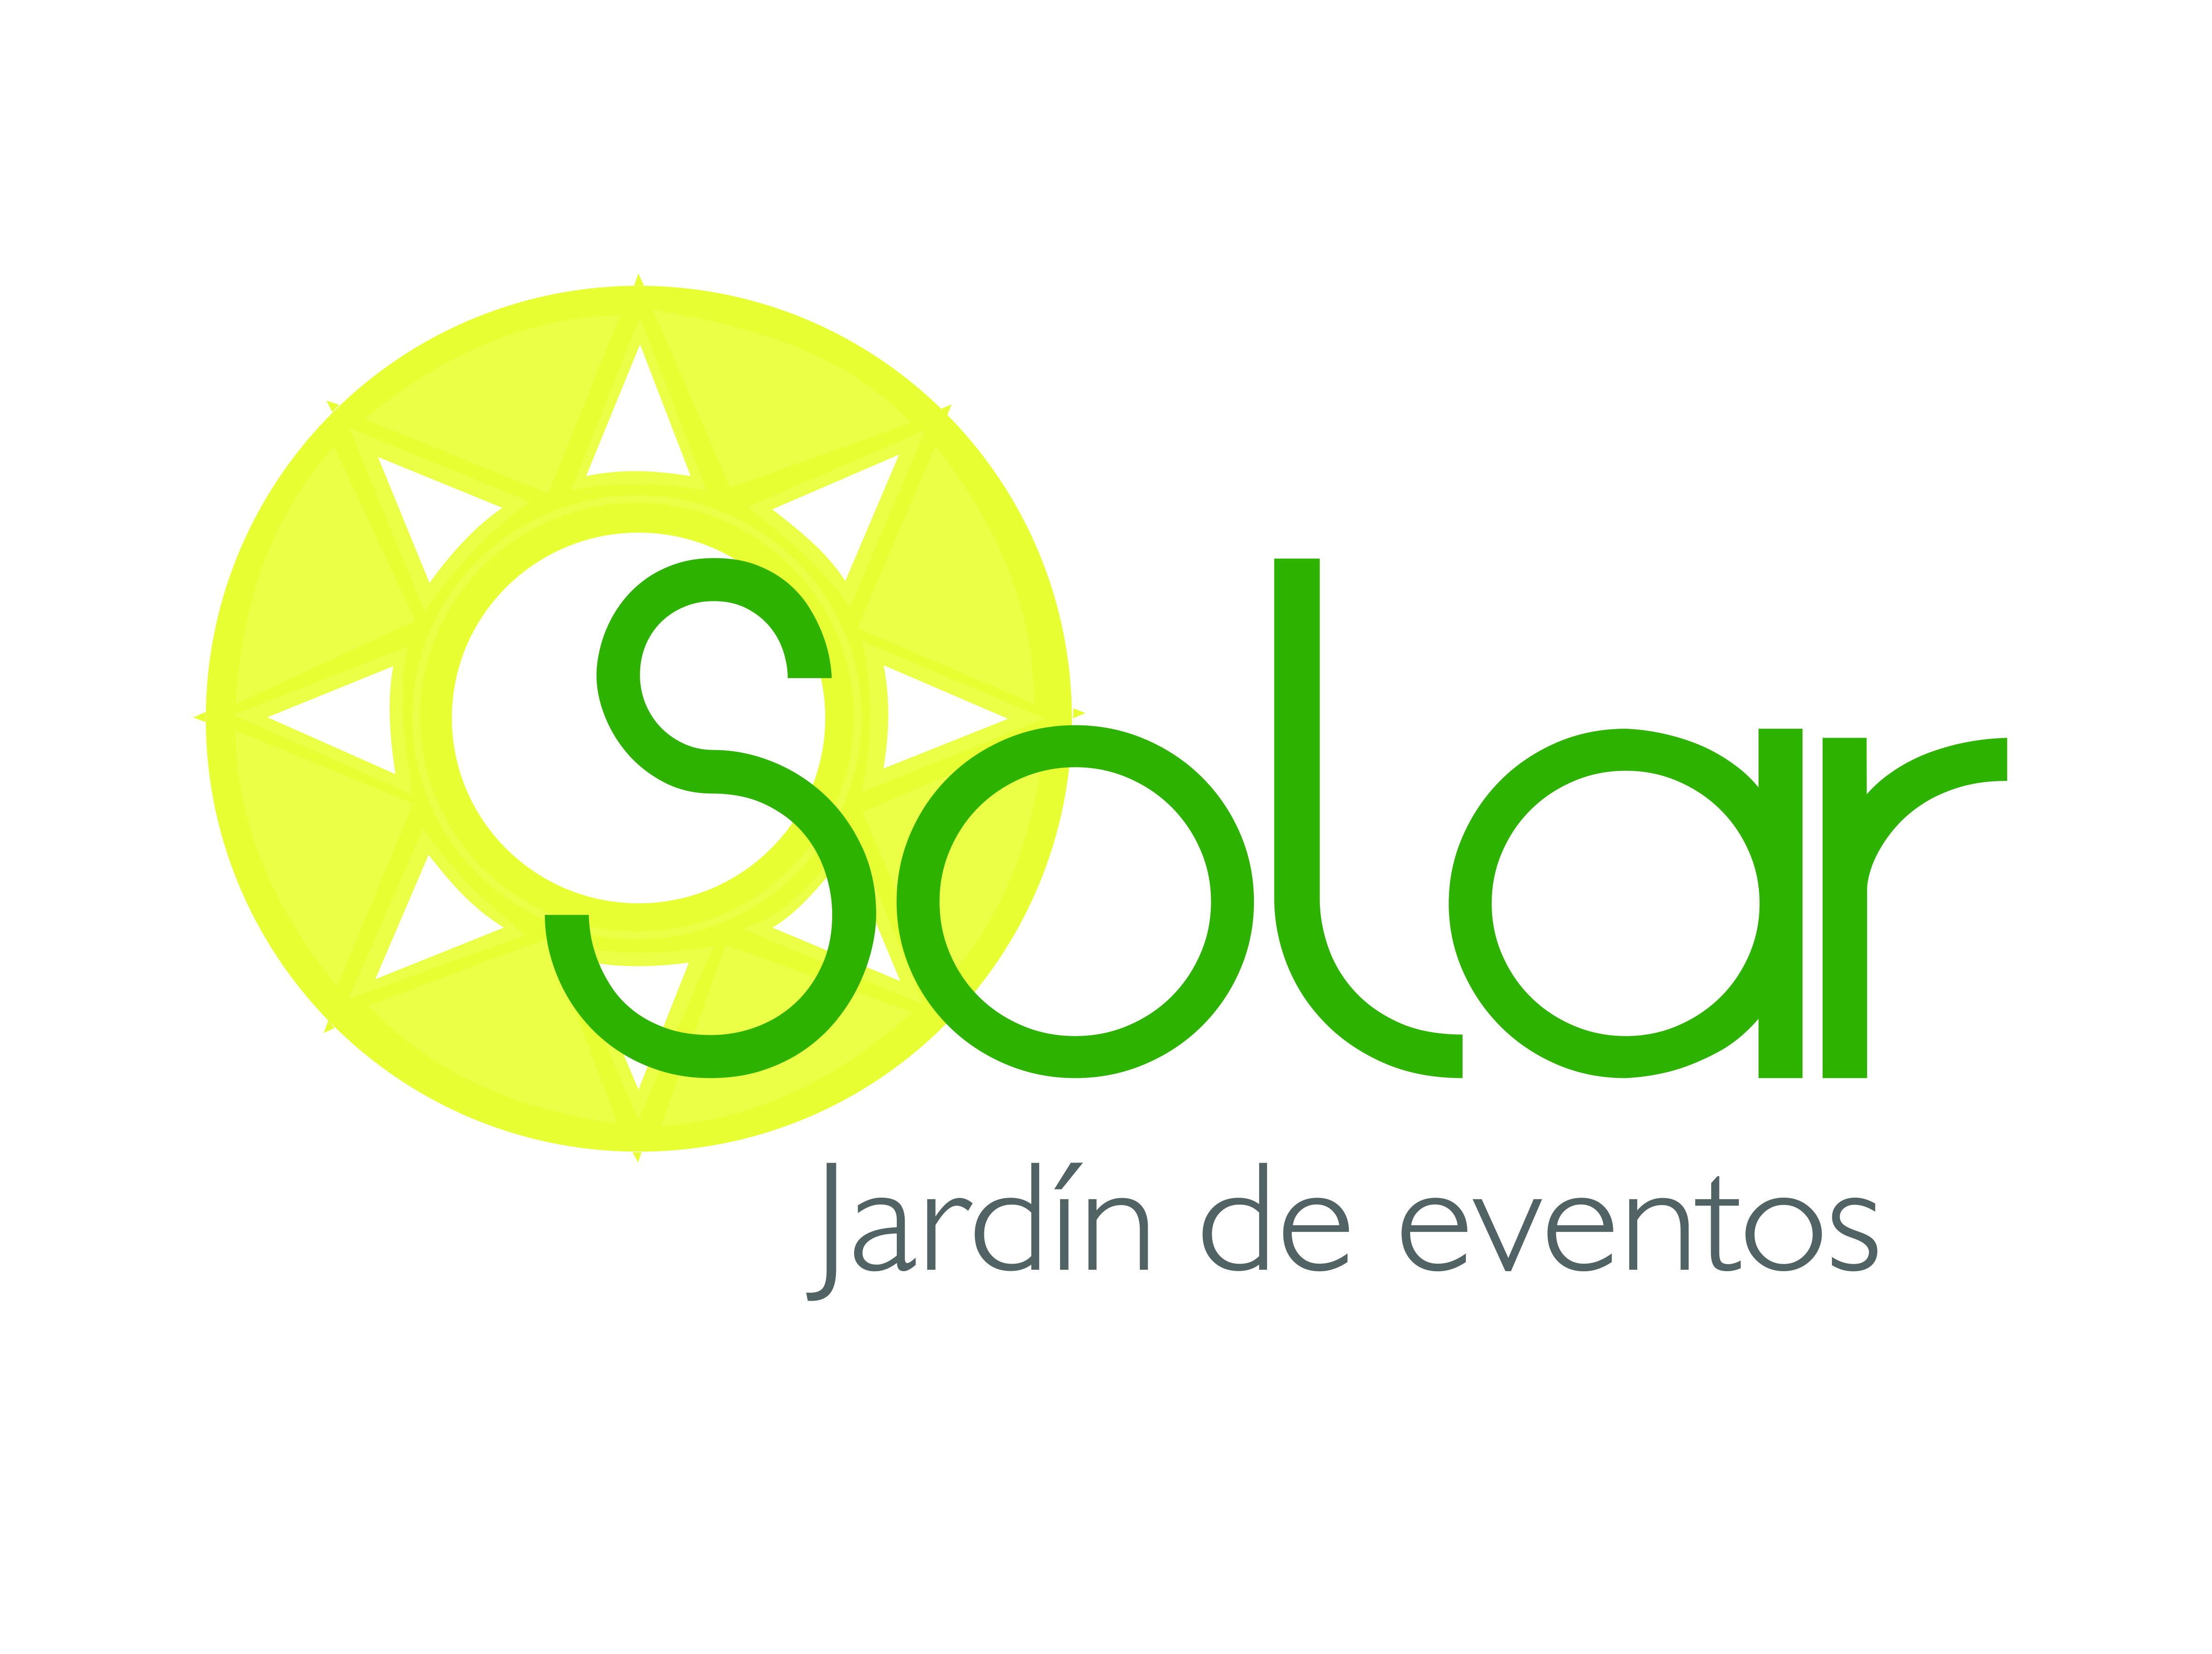 Solar jardin de eventos texcoco for Solar jardin